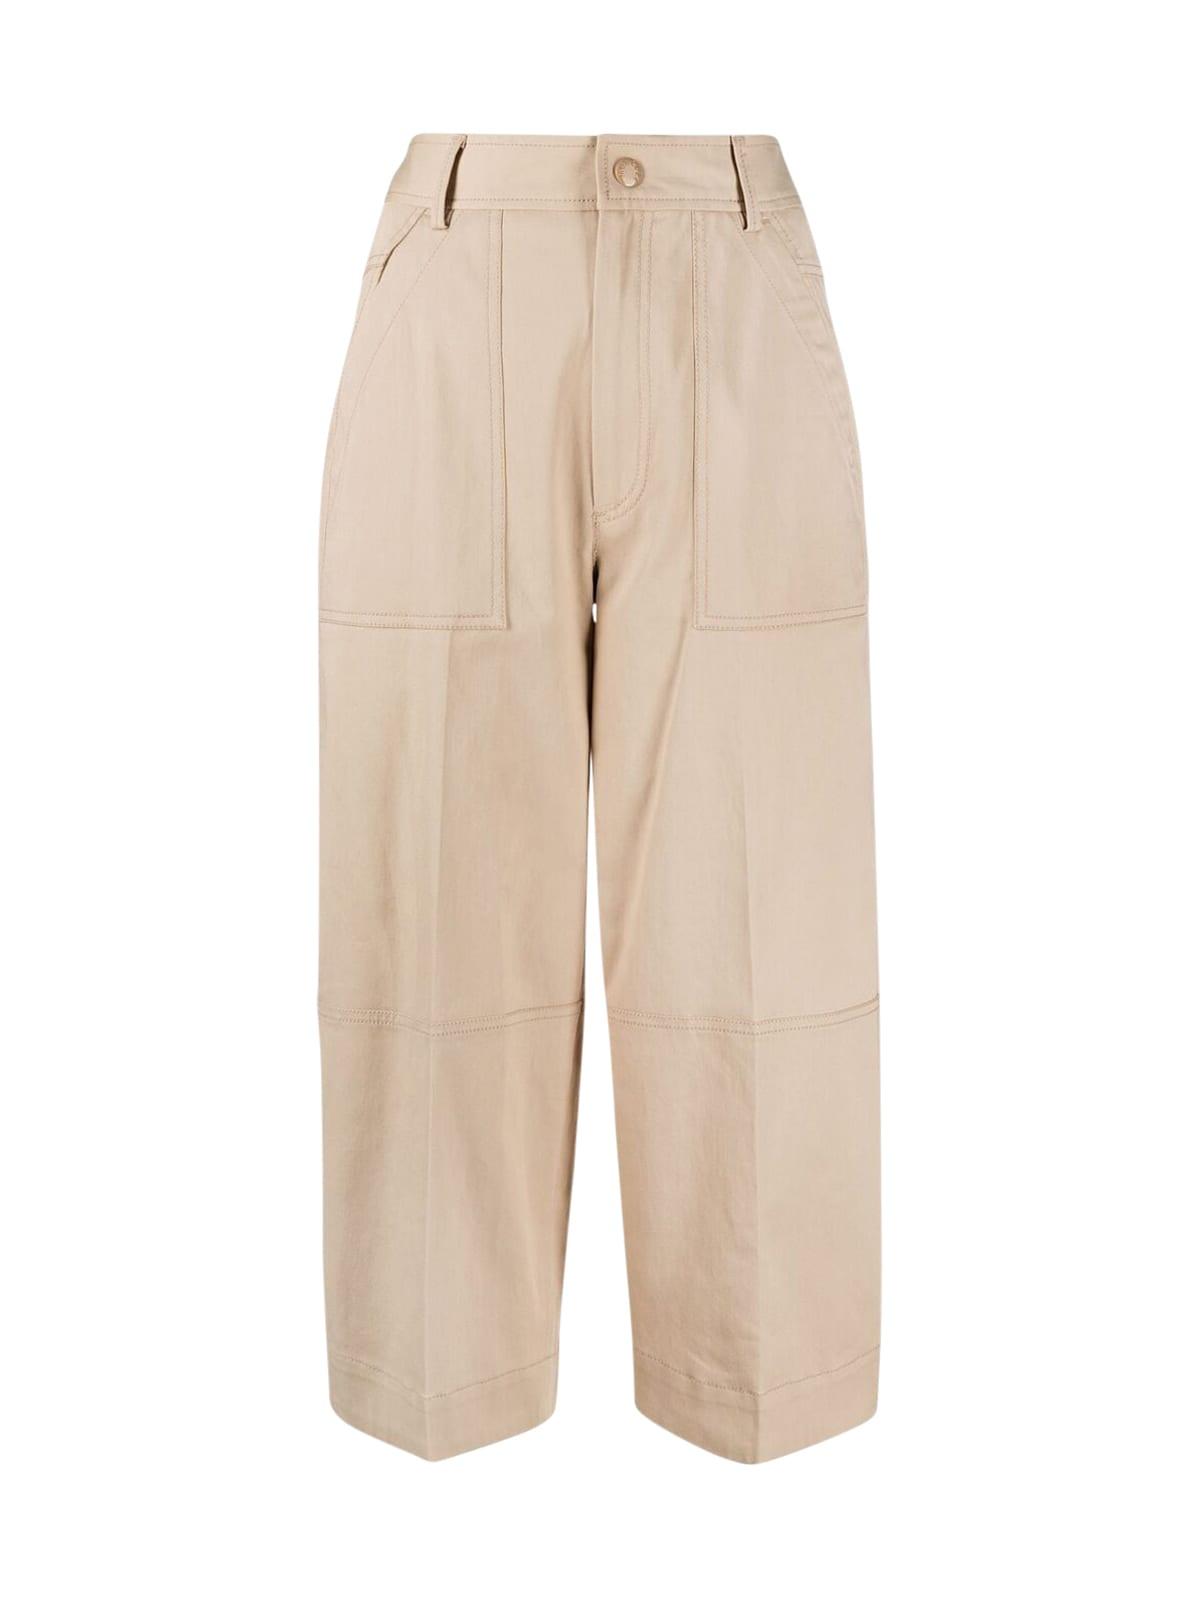 Moncler Cotton Pant